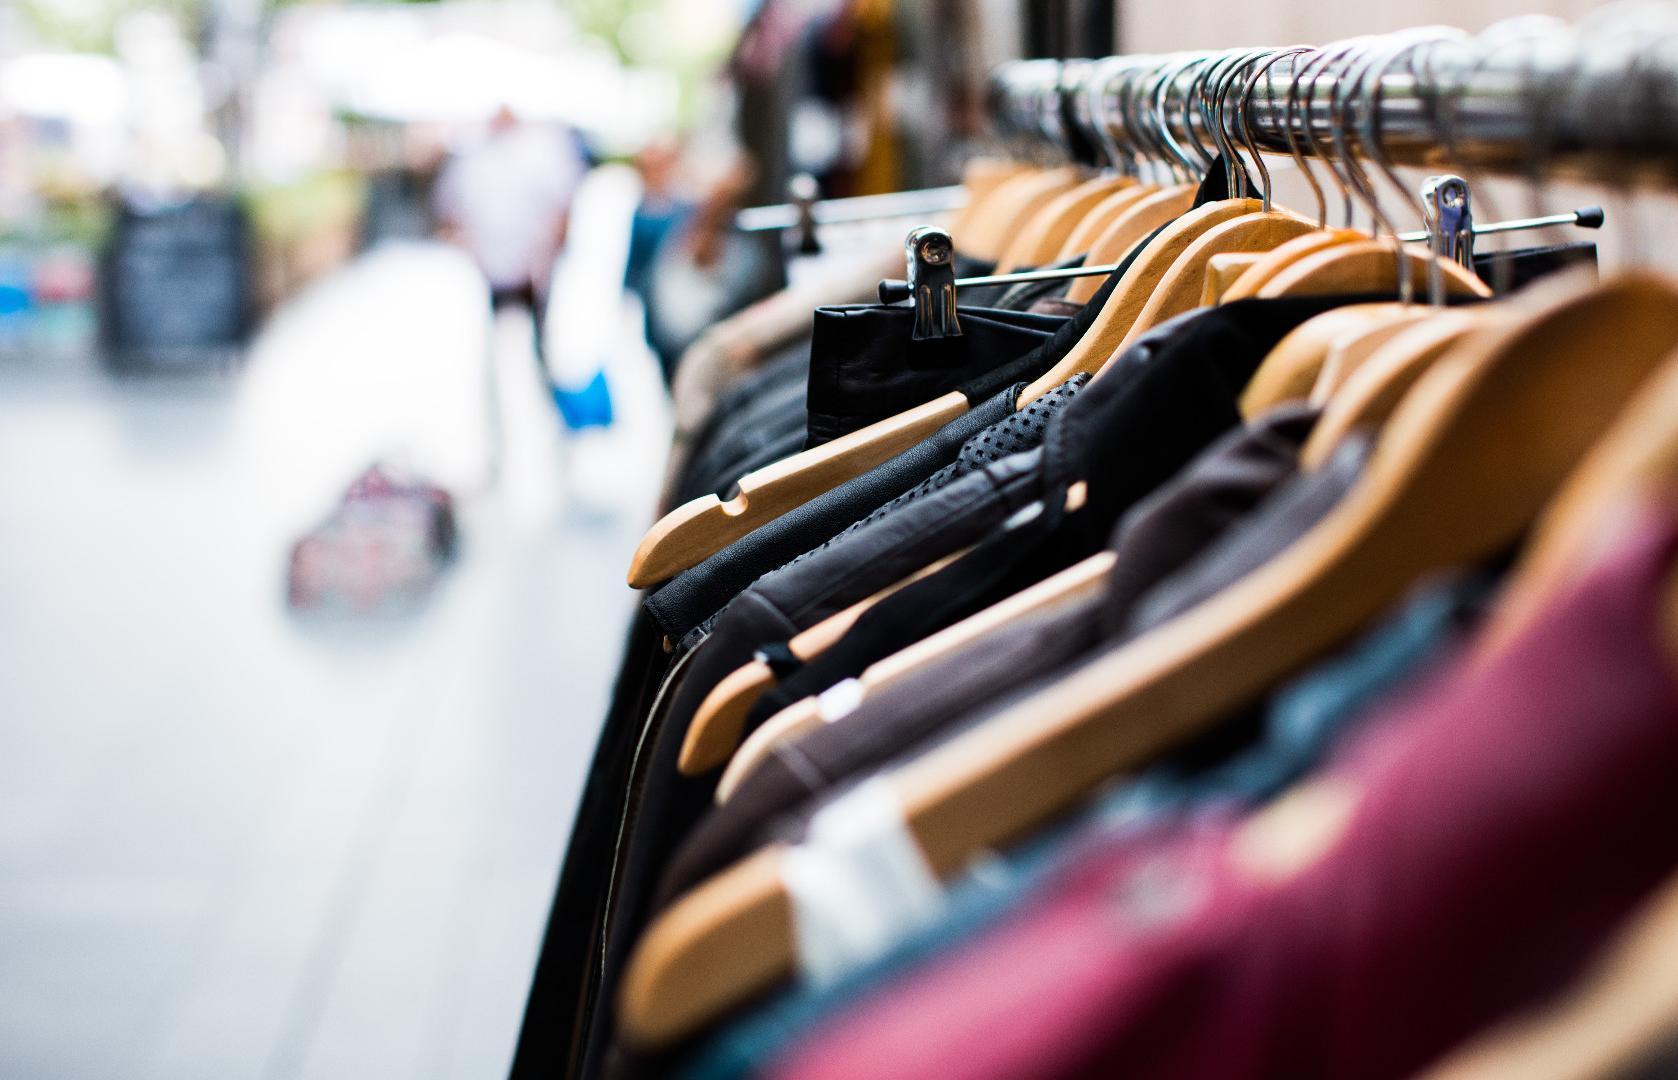 В Твери пара попалась на краже одежды из магазинов - новости Афанасий